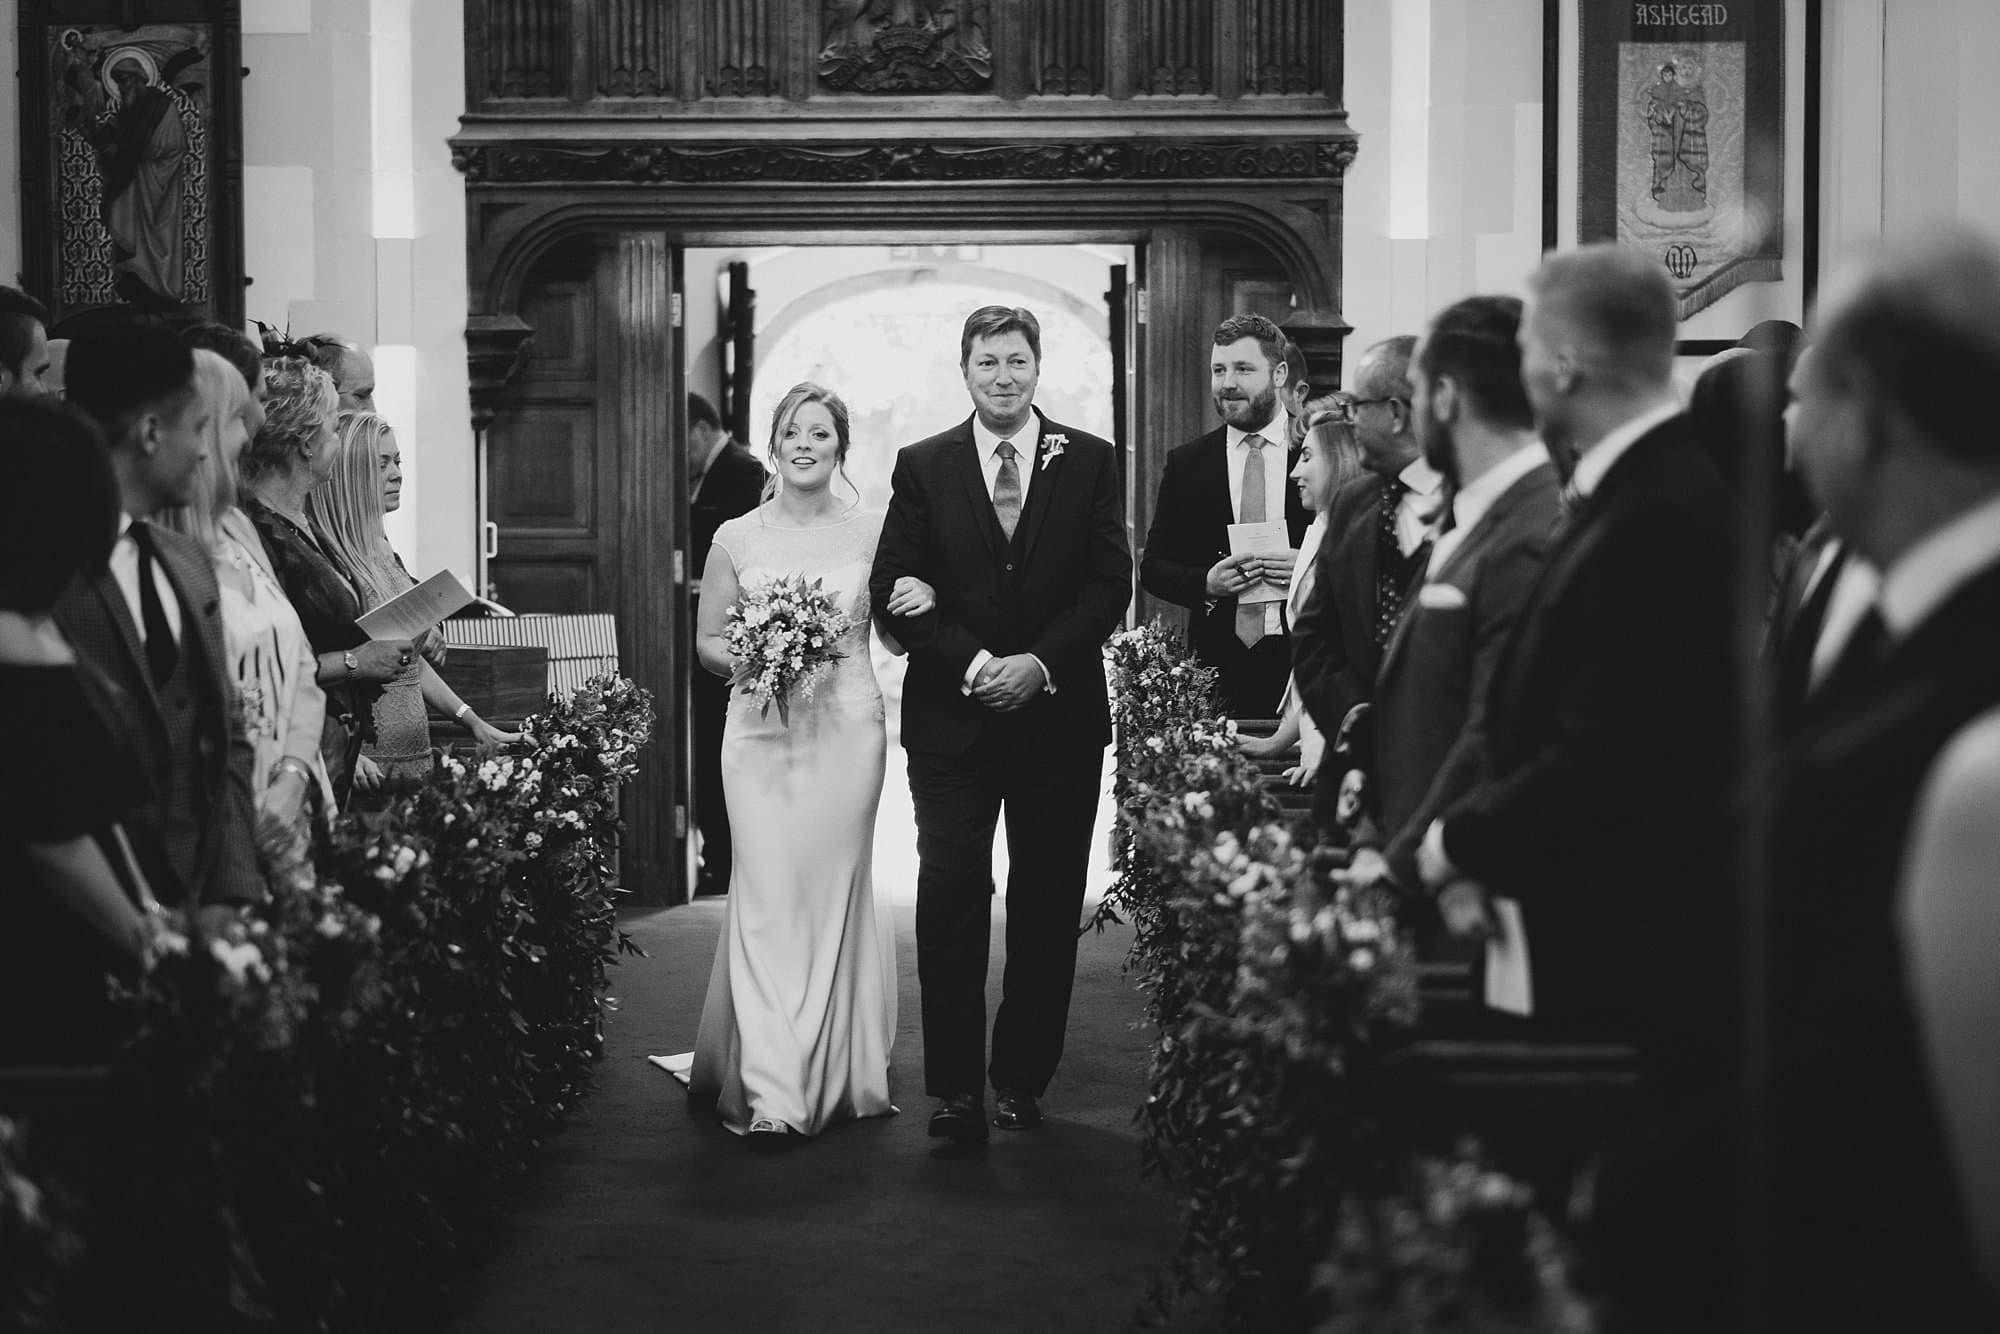 ashtead london wedding photographer 038 - Rachel & Jonny's Ashtead Wedding